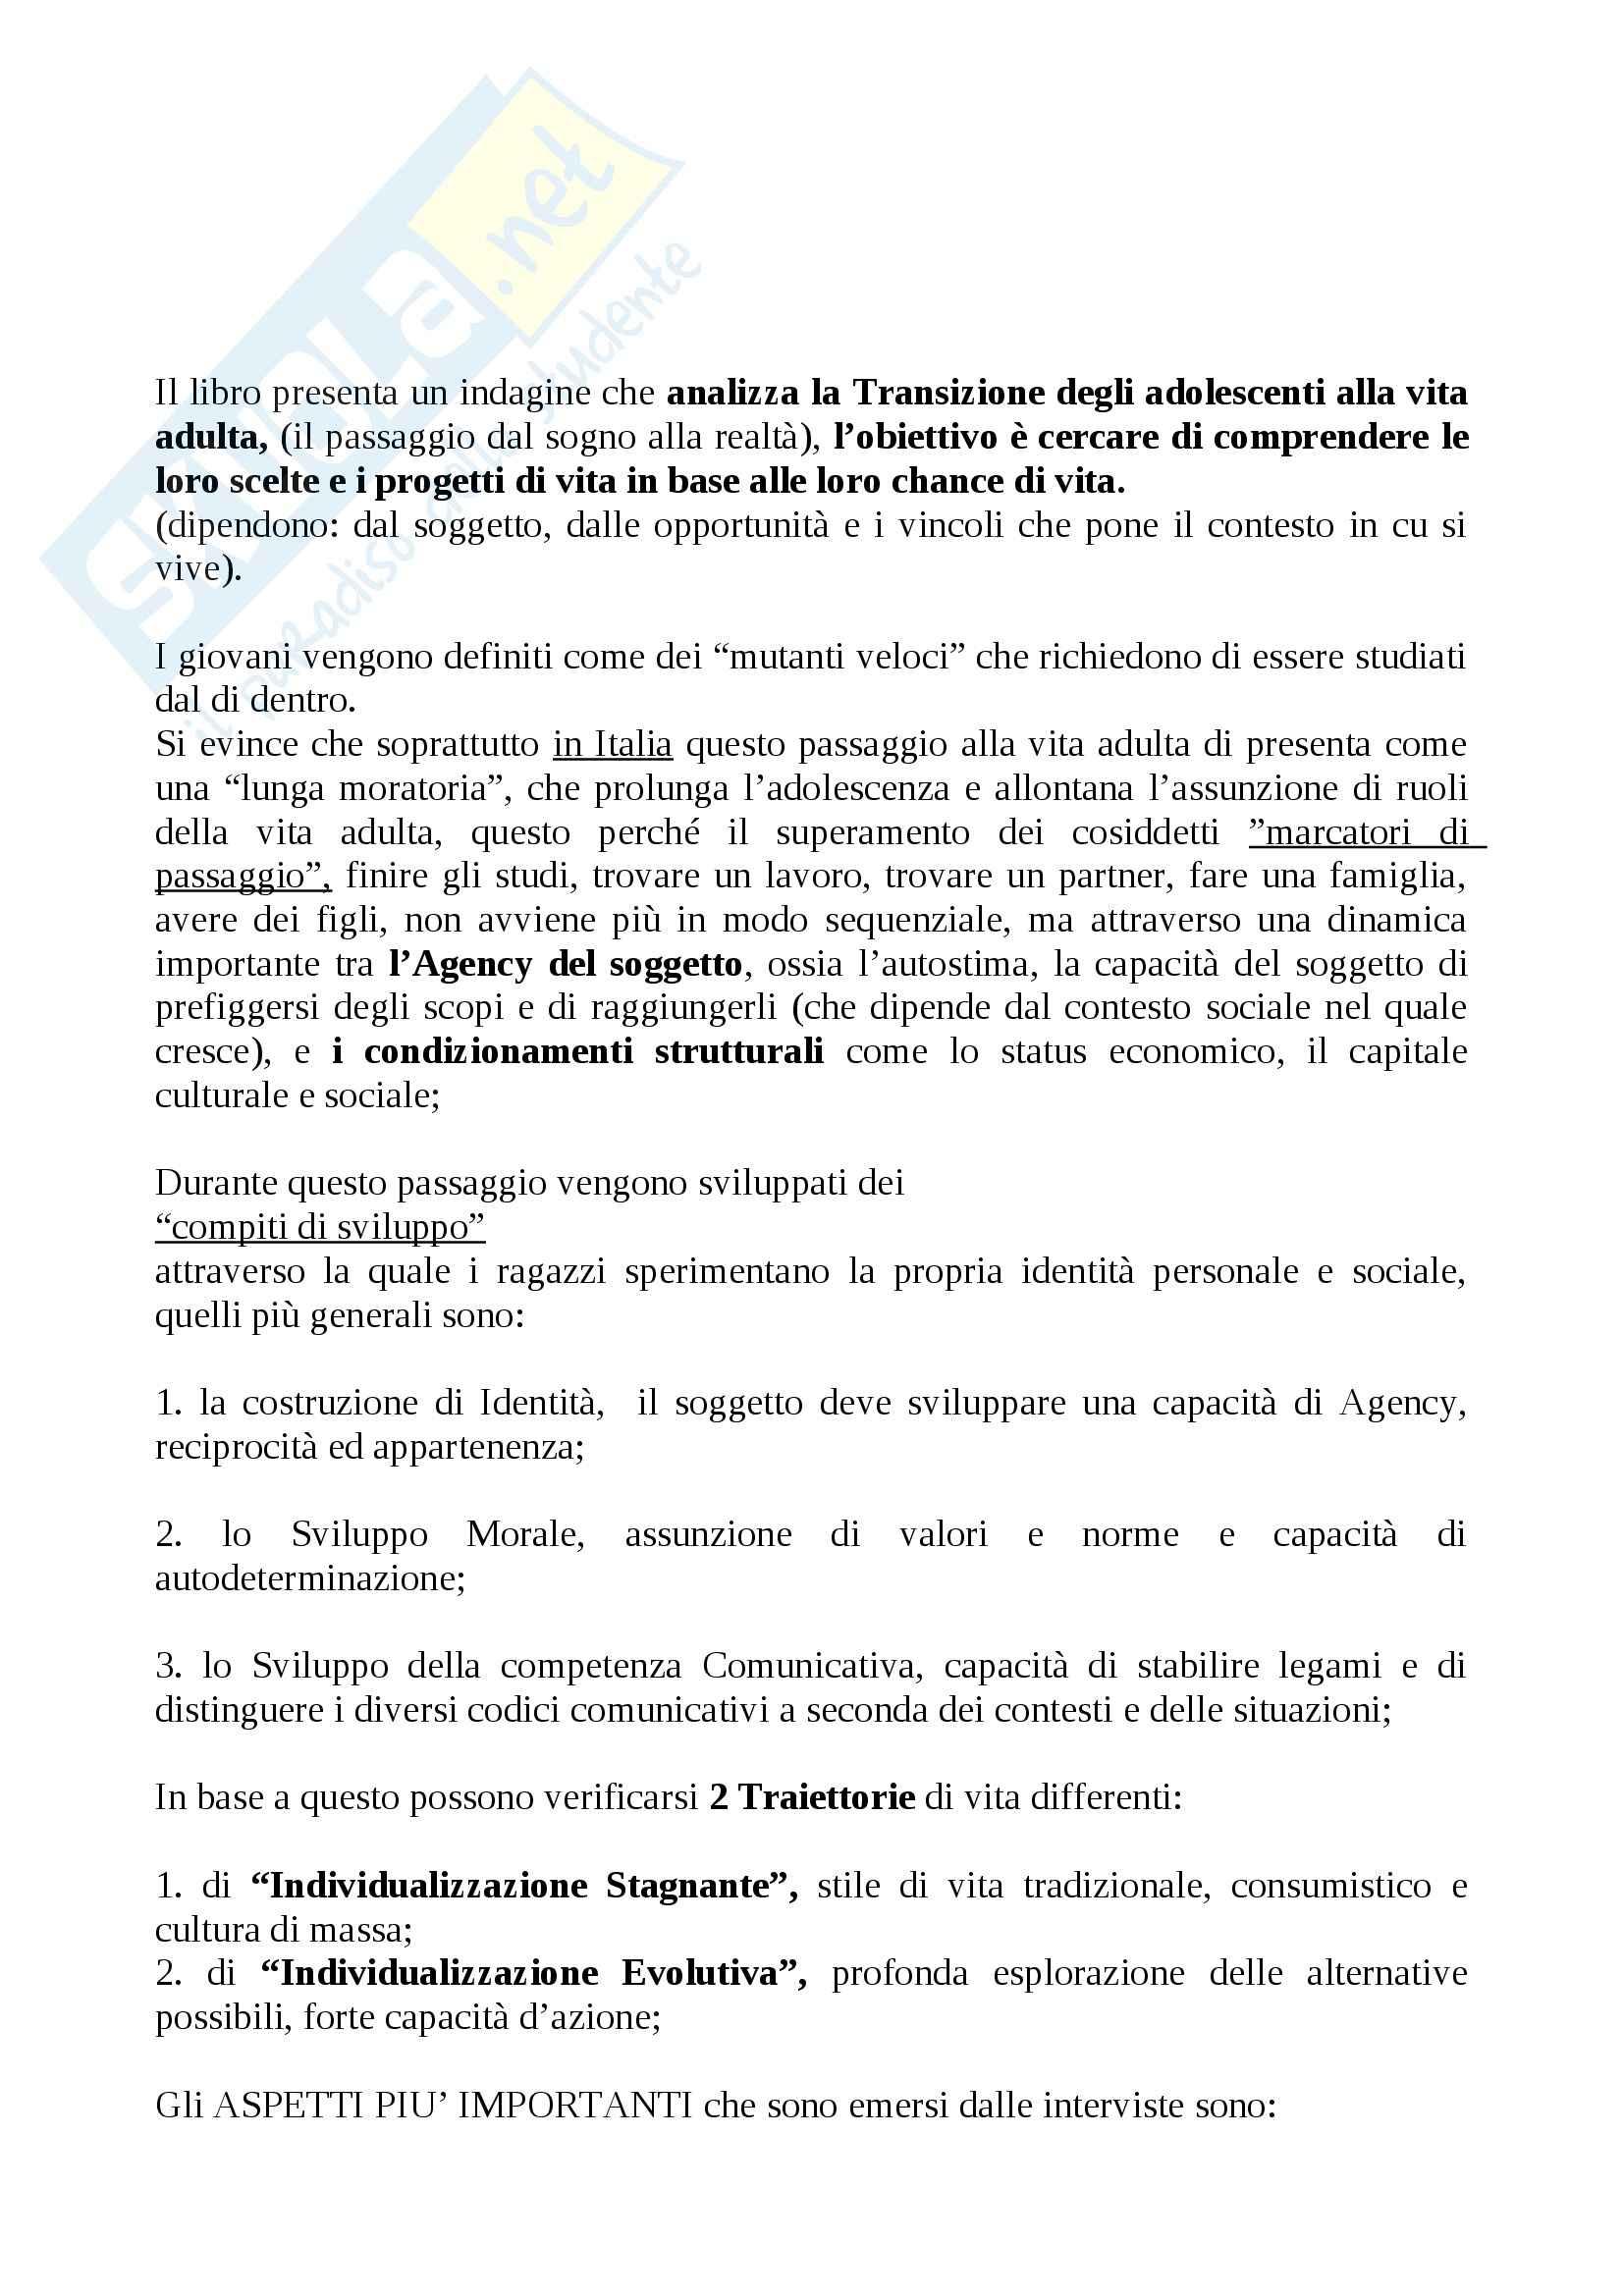 Riassunto esame Sociologia, prof. Scardigno, libro consigliato Tra sogni e realtà, Besozzi